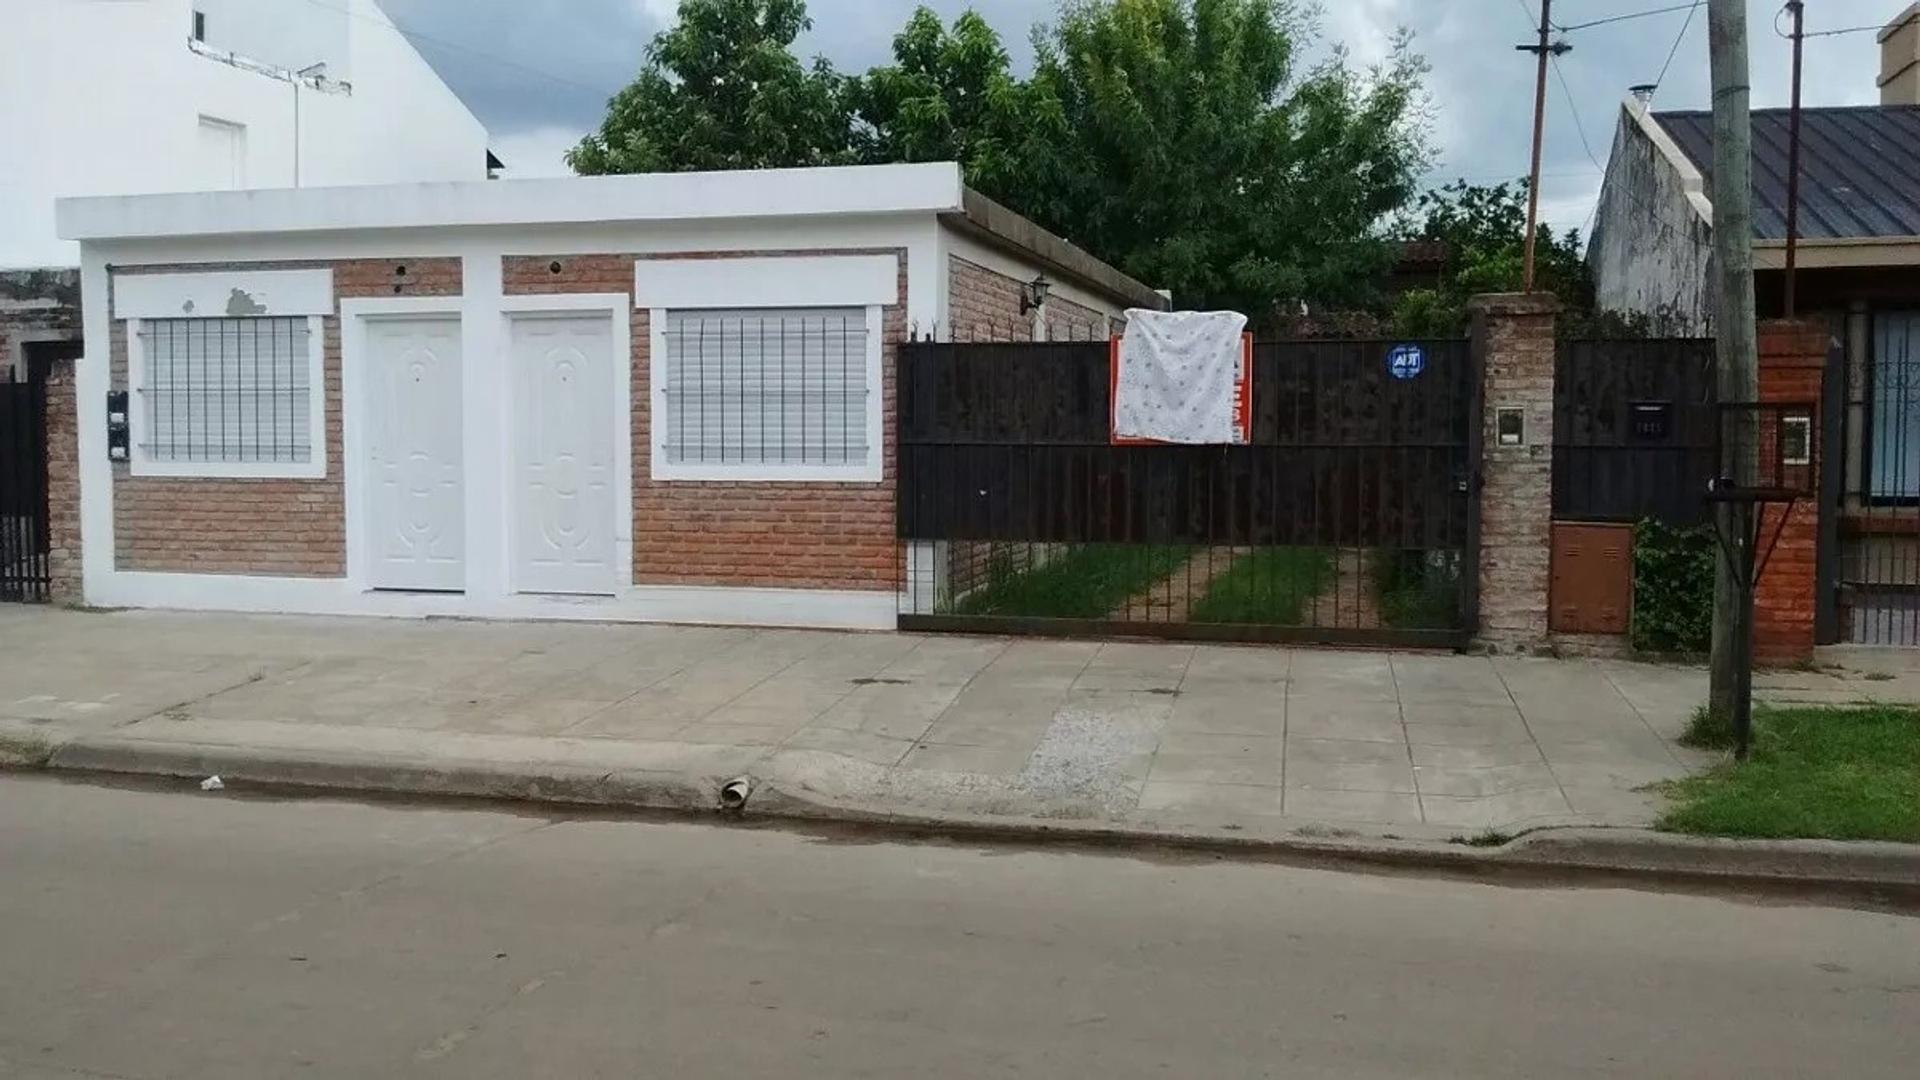 Excelente Casa Con 2 Departamentos A Estrenar A La Calle!